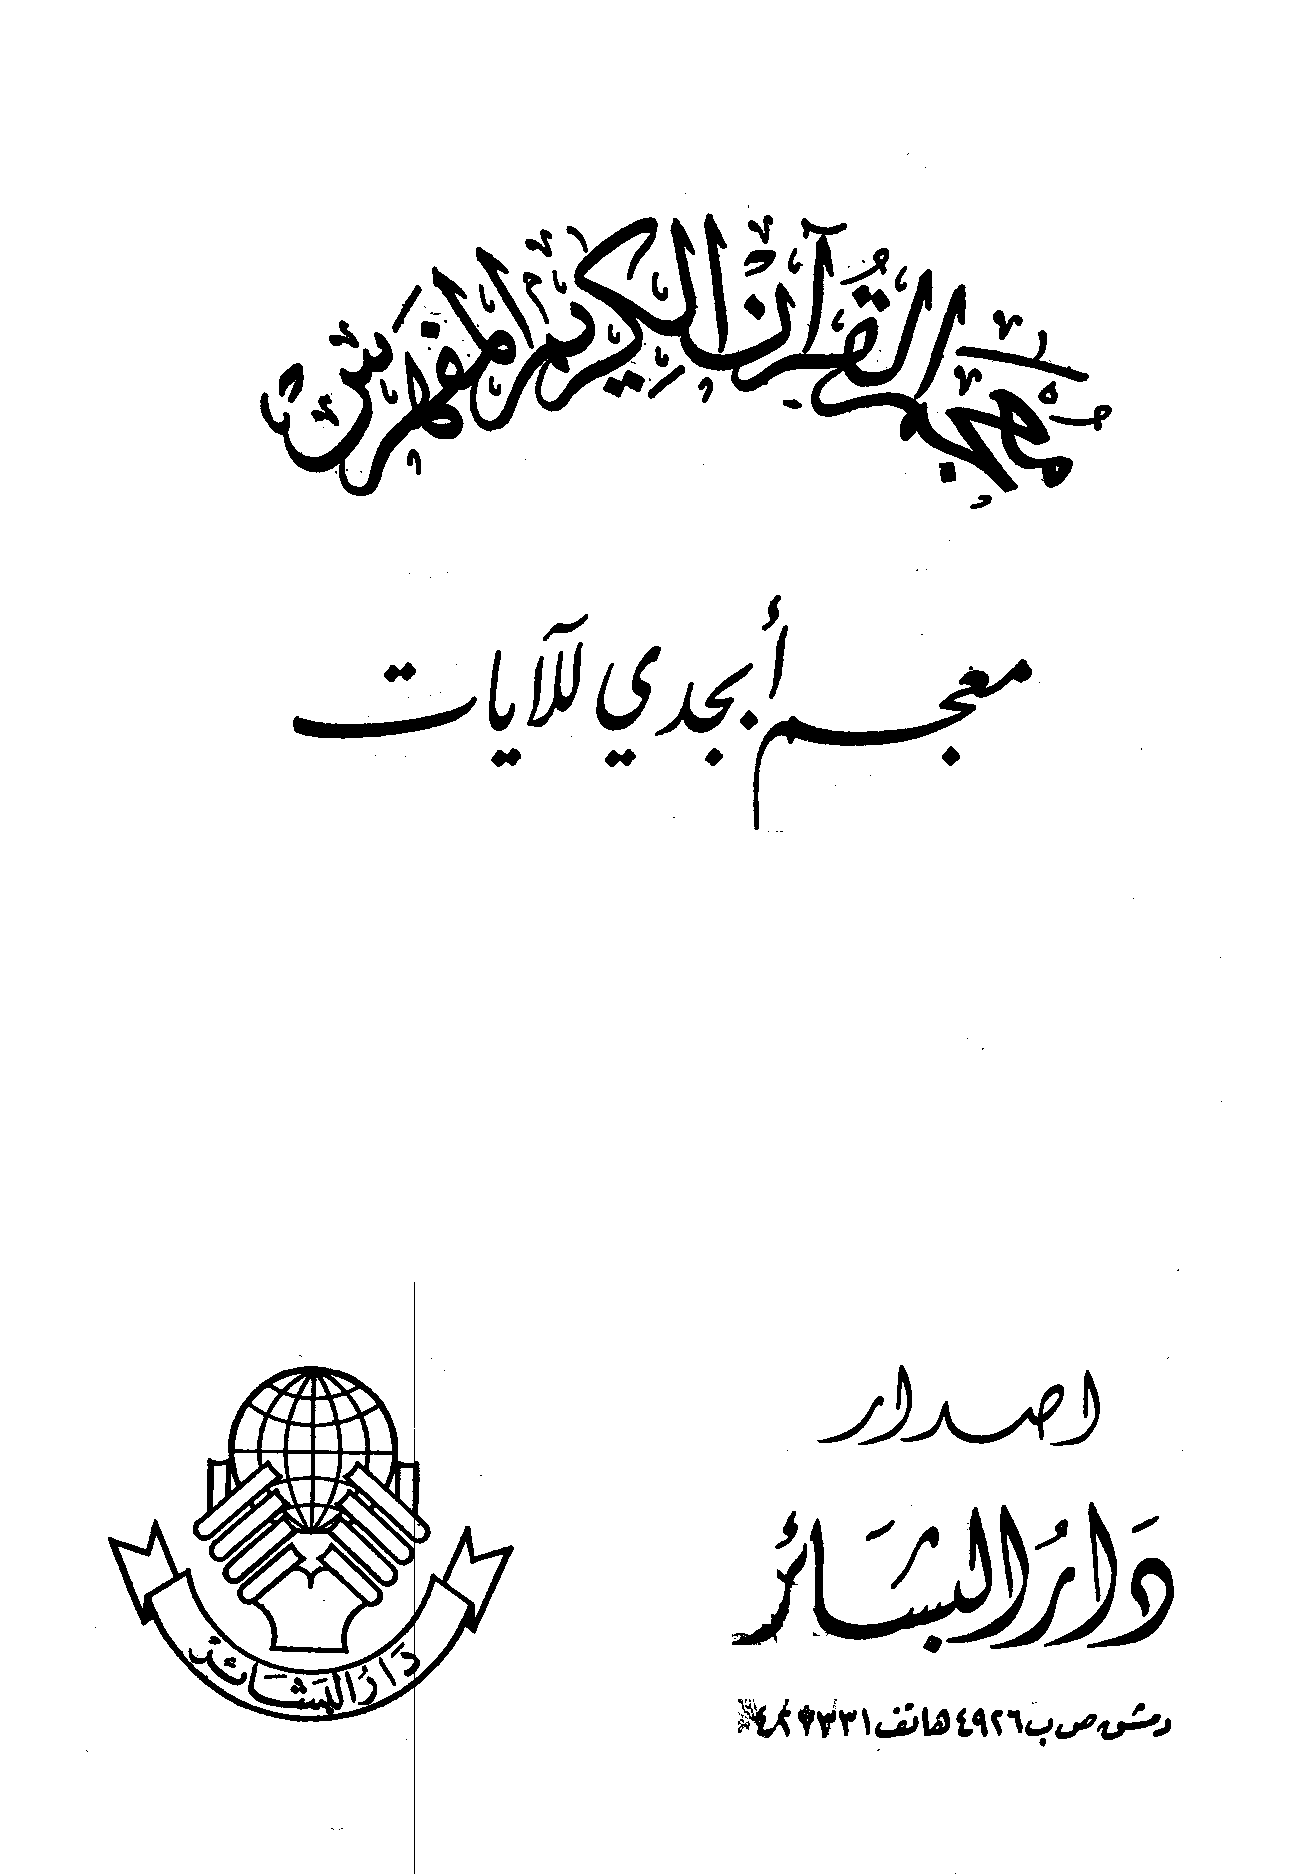 تحميل كتاب معجم القرآن الكريم المفهرس لـِ: عبد المعين التلاوي